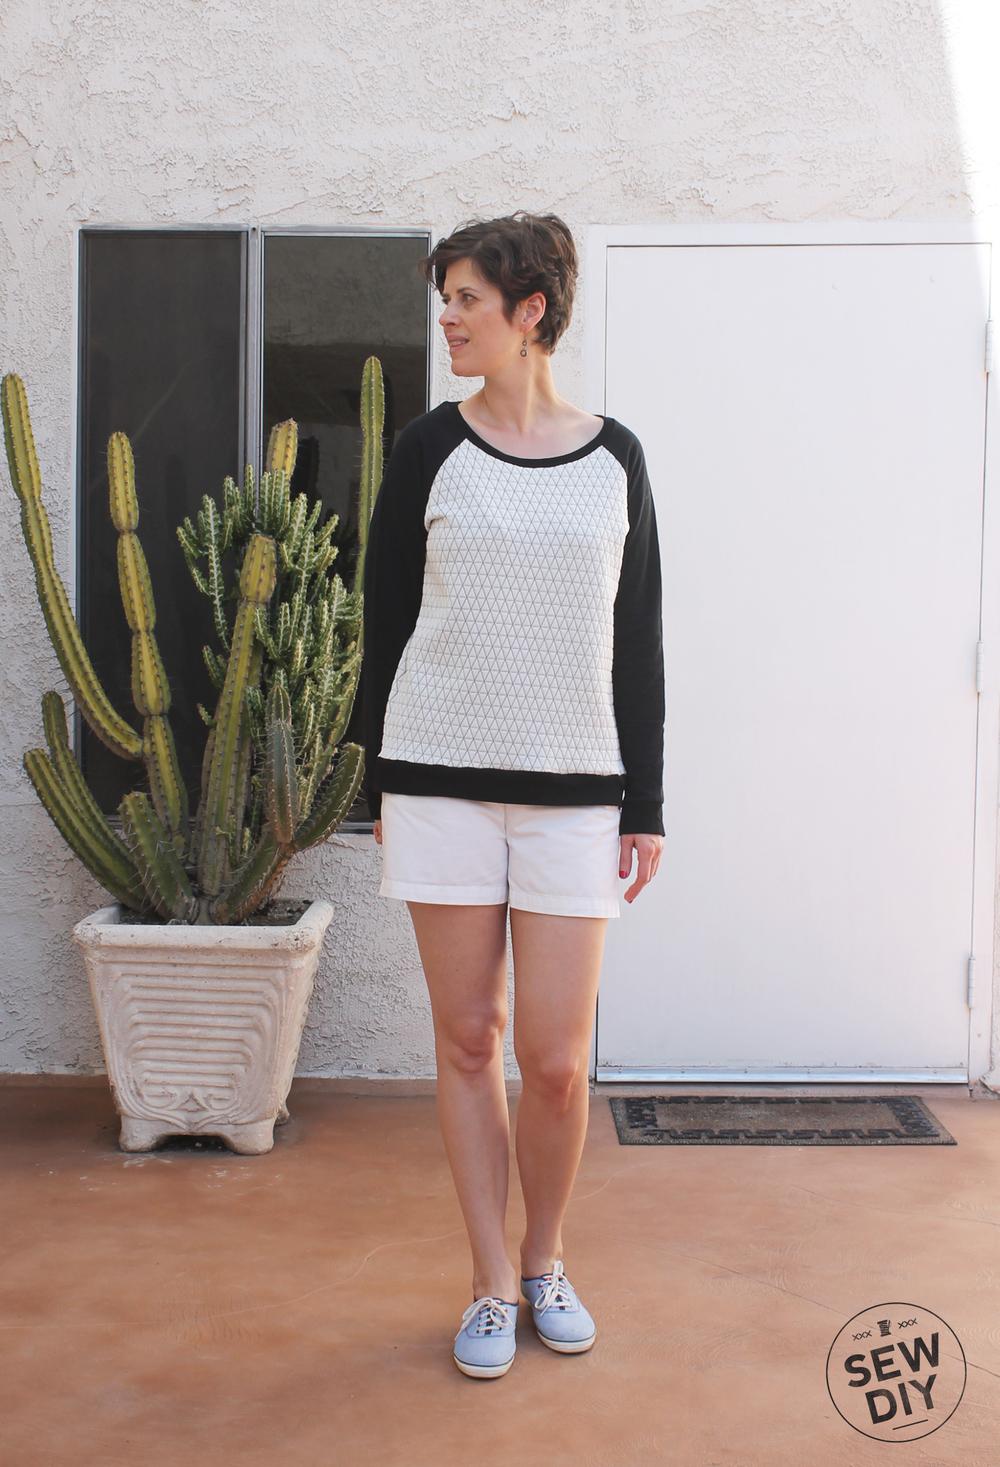 Linden Sweatshirt Swap - Sew DIY